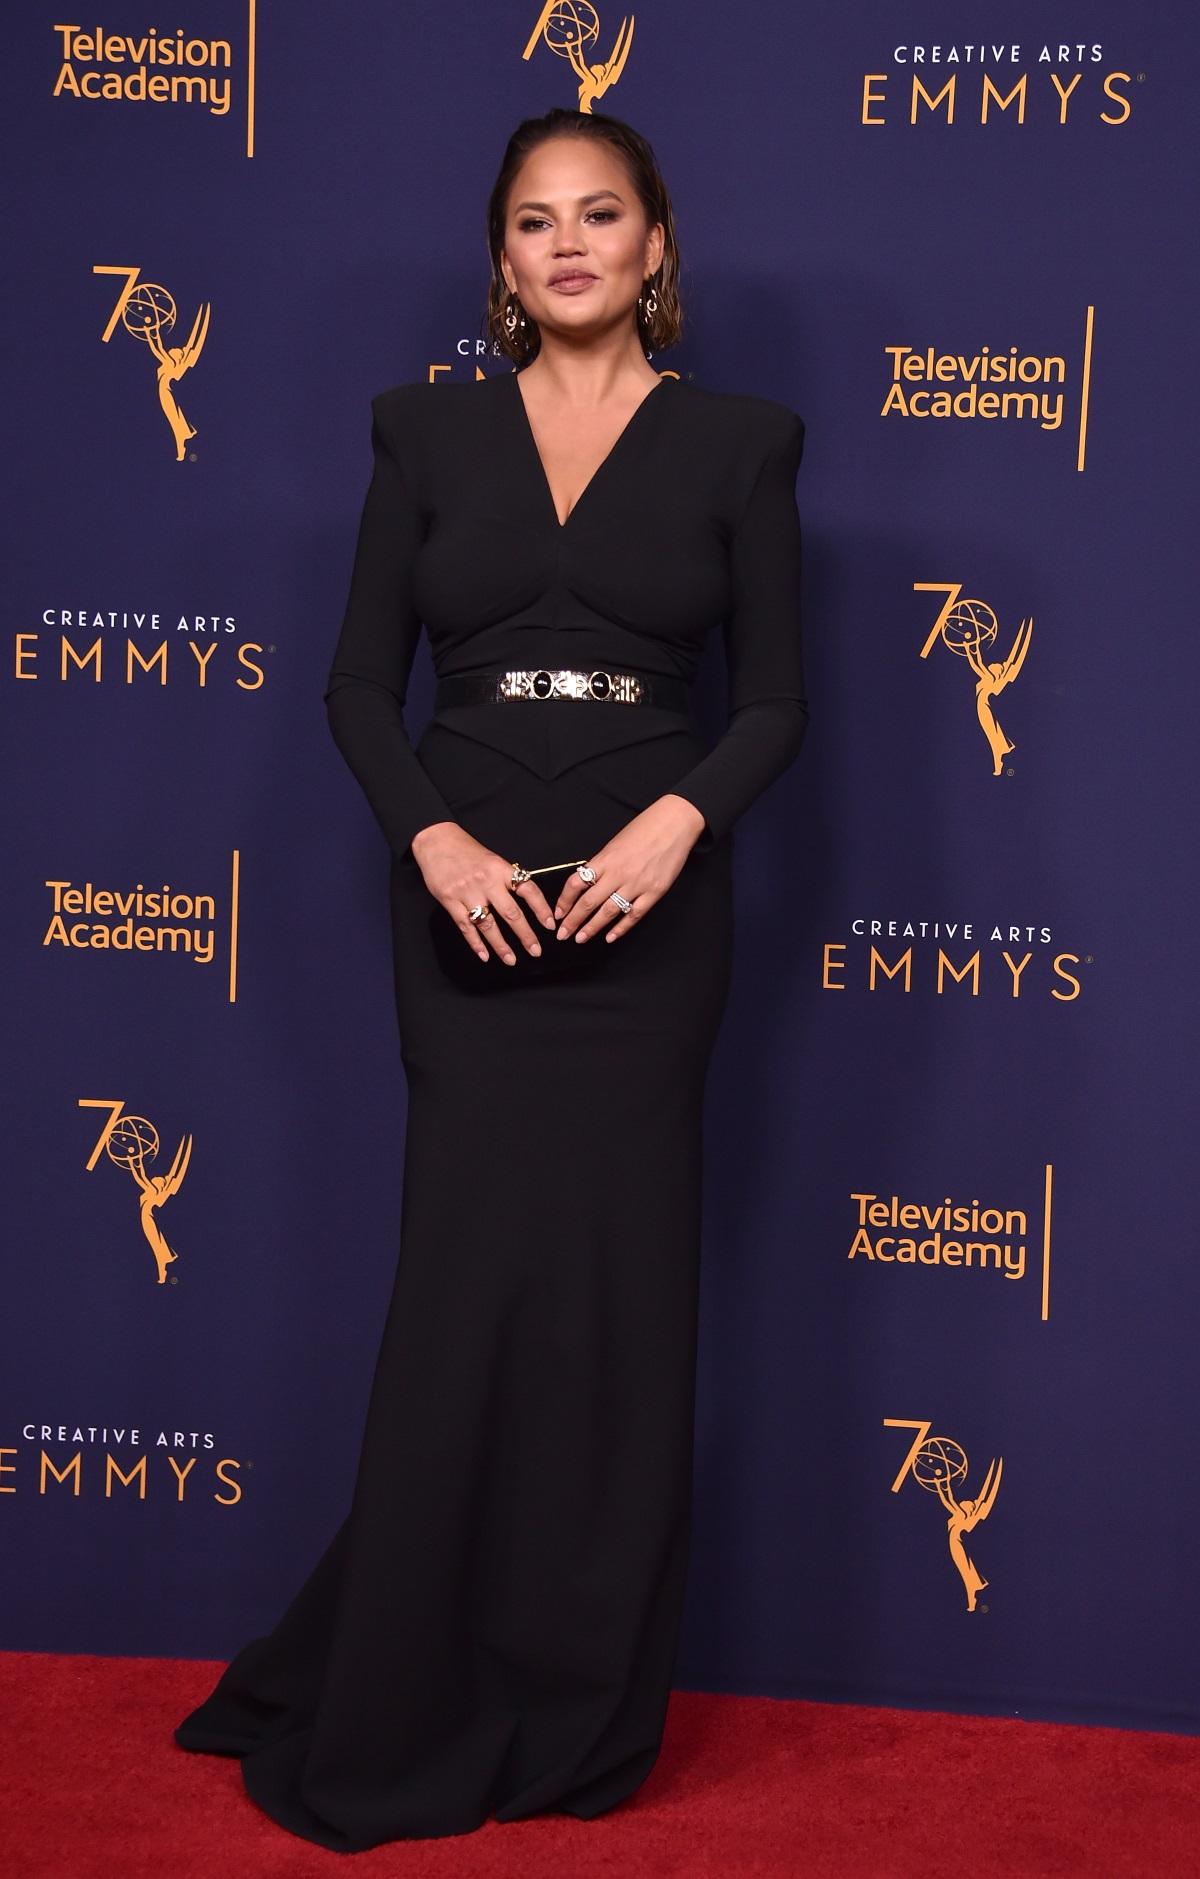 """Четири месеца след като роди второто си дете, Криси Тийгън се появи на червения килим на наградите """"Еми"""". Моделът придружи своя съпруг - певецът Джон Леджънд, който спечели награда за ролята си във филма на NBC Jesus Christ Superstar Live in Concert. С това отличие 39-годишният Леджънд се превърна в първия най-млад мъж и първия тъмнокож, отличен с награди """"Еми"""", """"Грами"""", """"Оскар"""" и """"Тони"""". Очаквано, в този важен момент за кариерата му до него беше красивата му съпруга Криси Тийгън."""